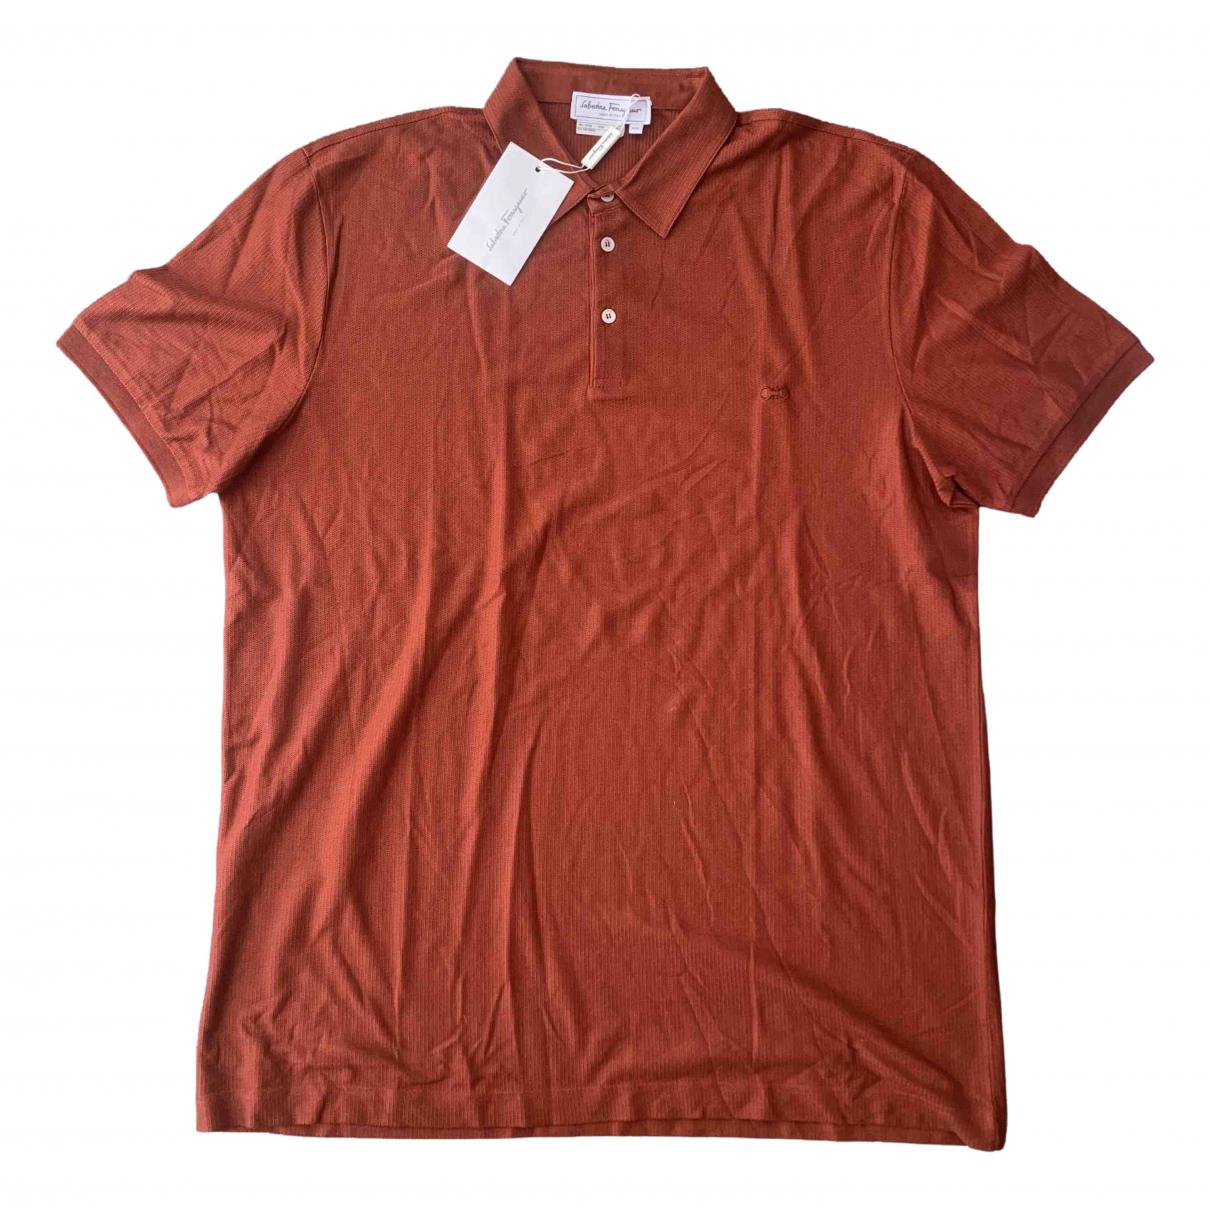 Salvatore Ferragamo - Polos   pour homme en coton - marron